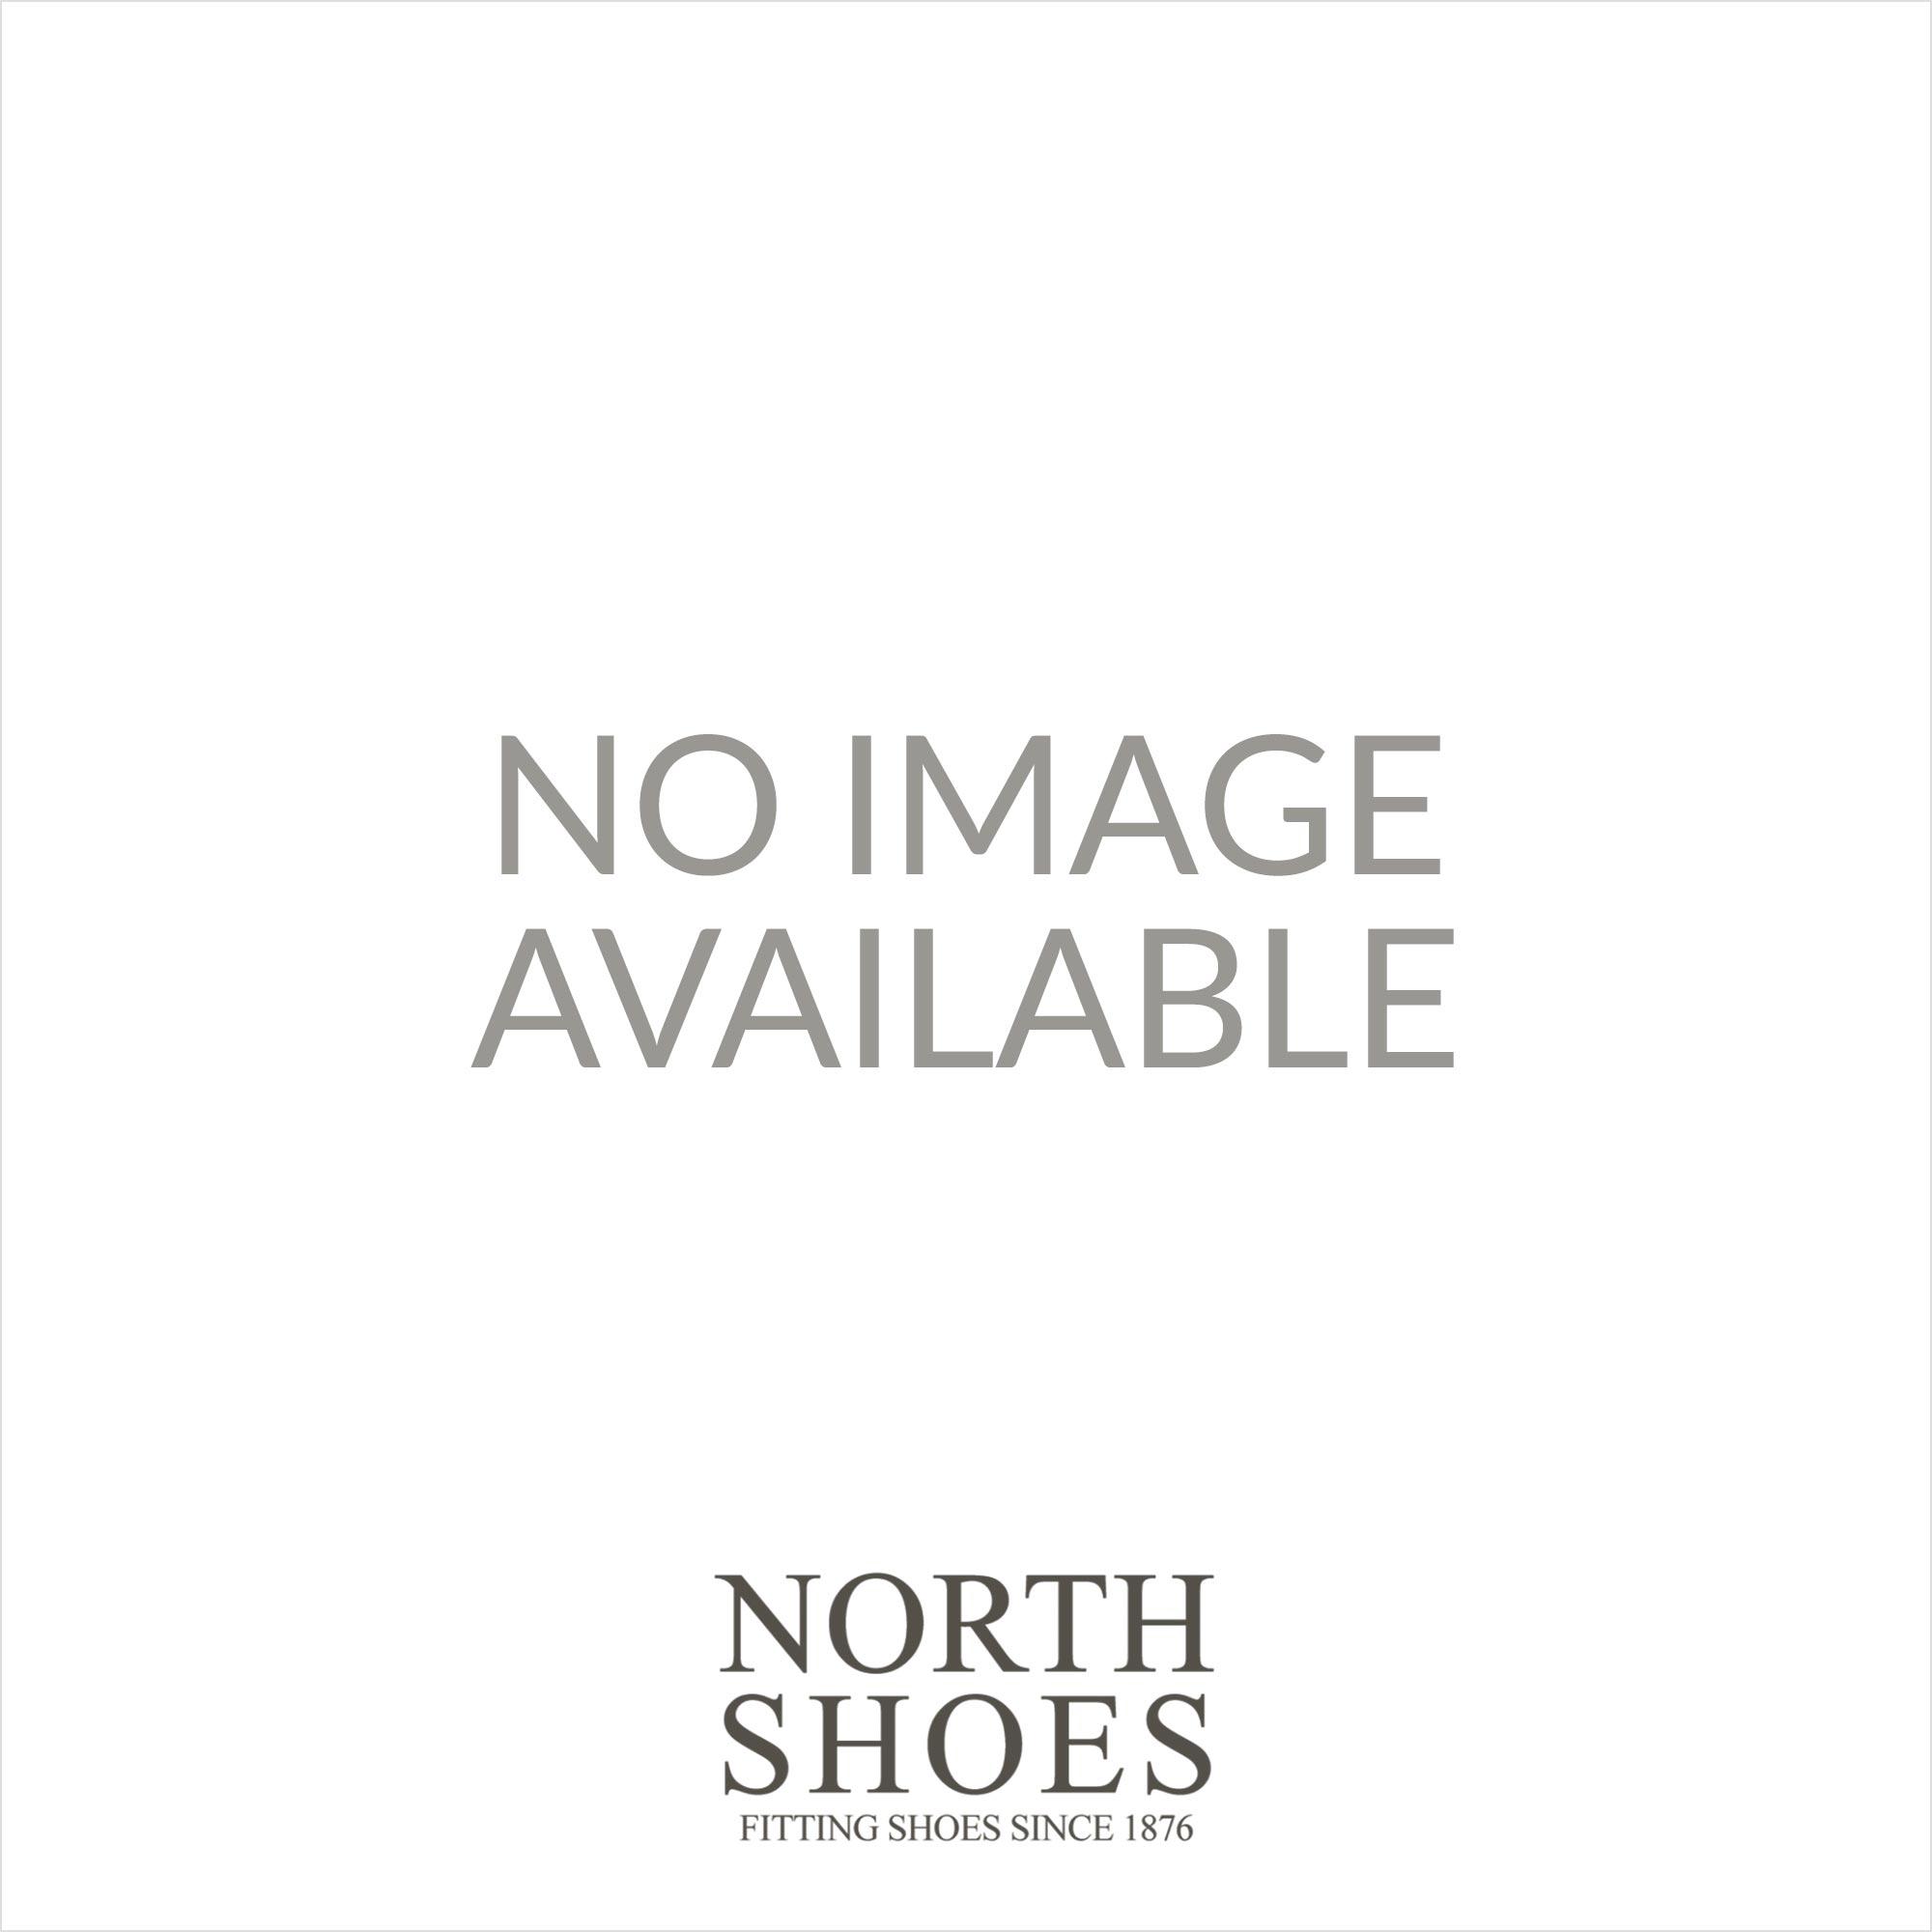 7f310db5d7af Skechers Gambix Comfort 51808 Black Mens Slip On Slider Mule Sandal -  Skechers from North Shoes UK